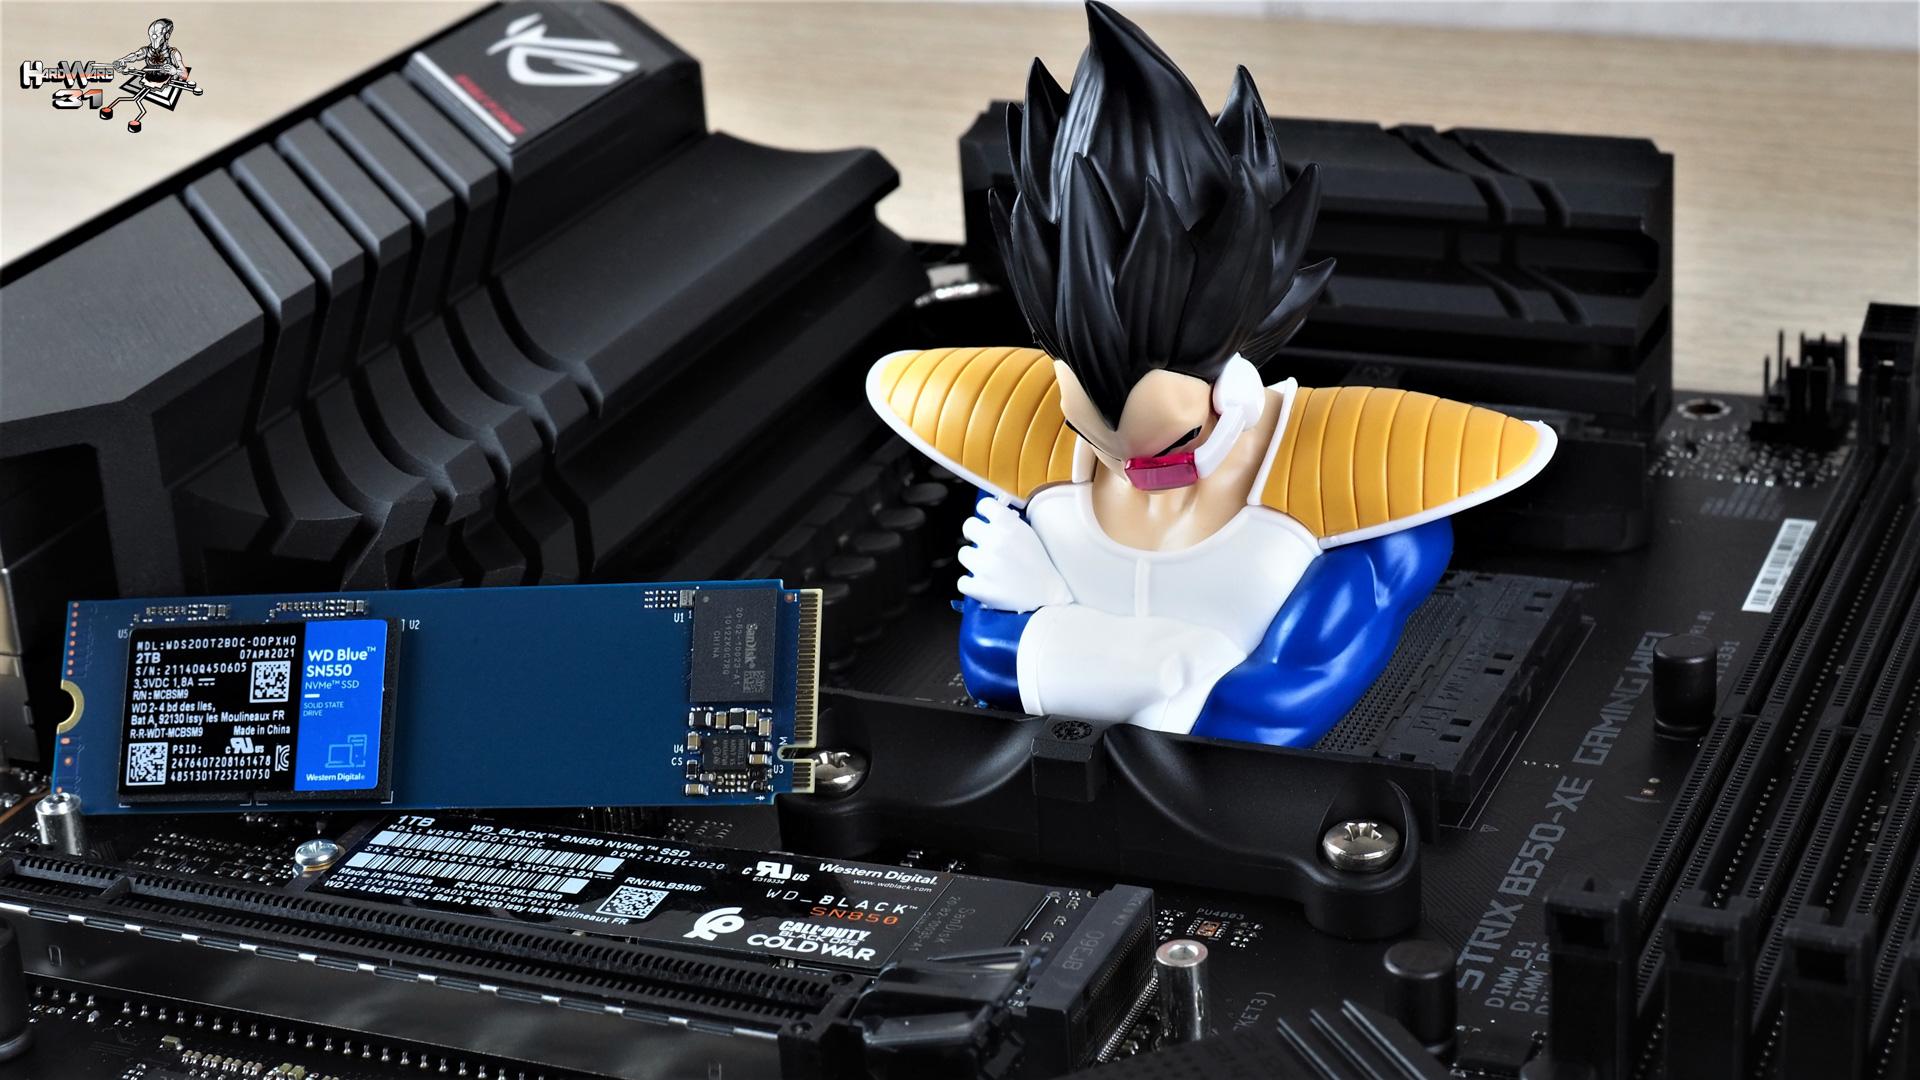 Les Nvme WS Blue SN550 et Black SN850 utilisés dans le projet Modding P600S Final Flash par Hardware31